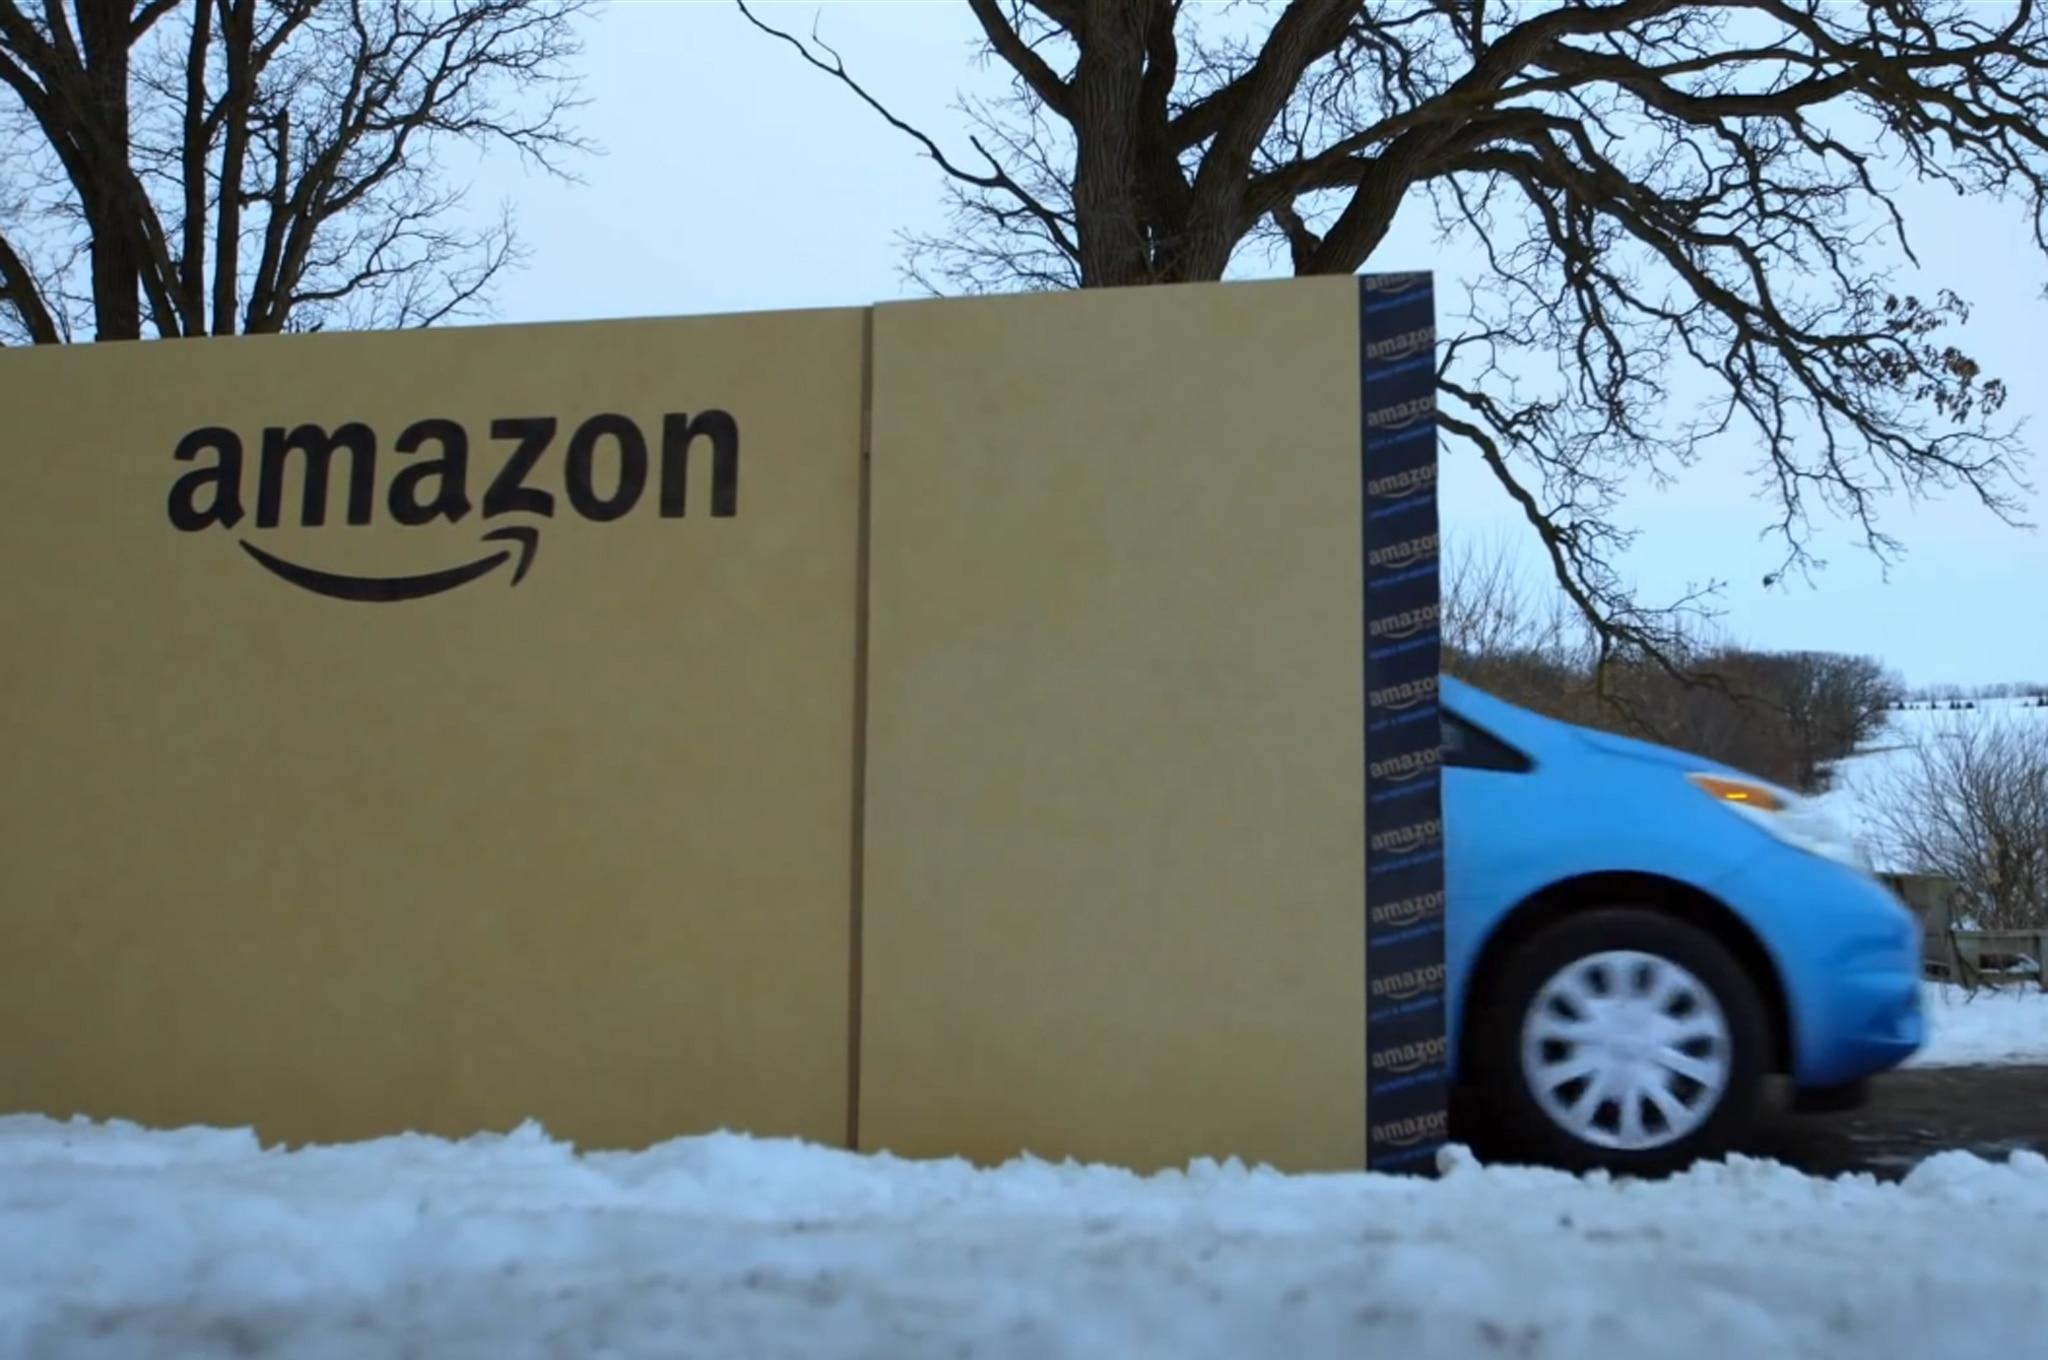 Amazon entrega un Nissan Note en caja grande - Autos Terra Motor Trend